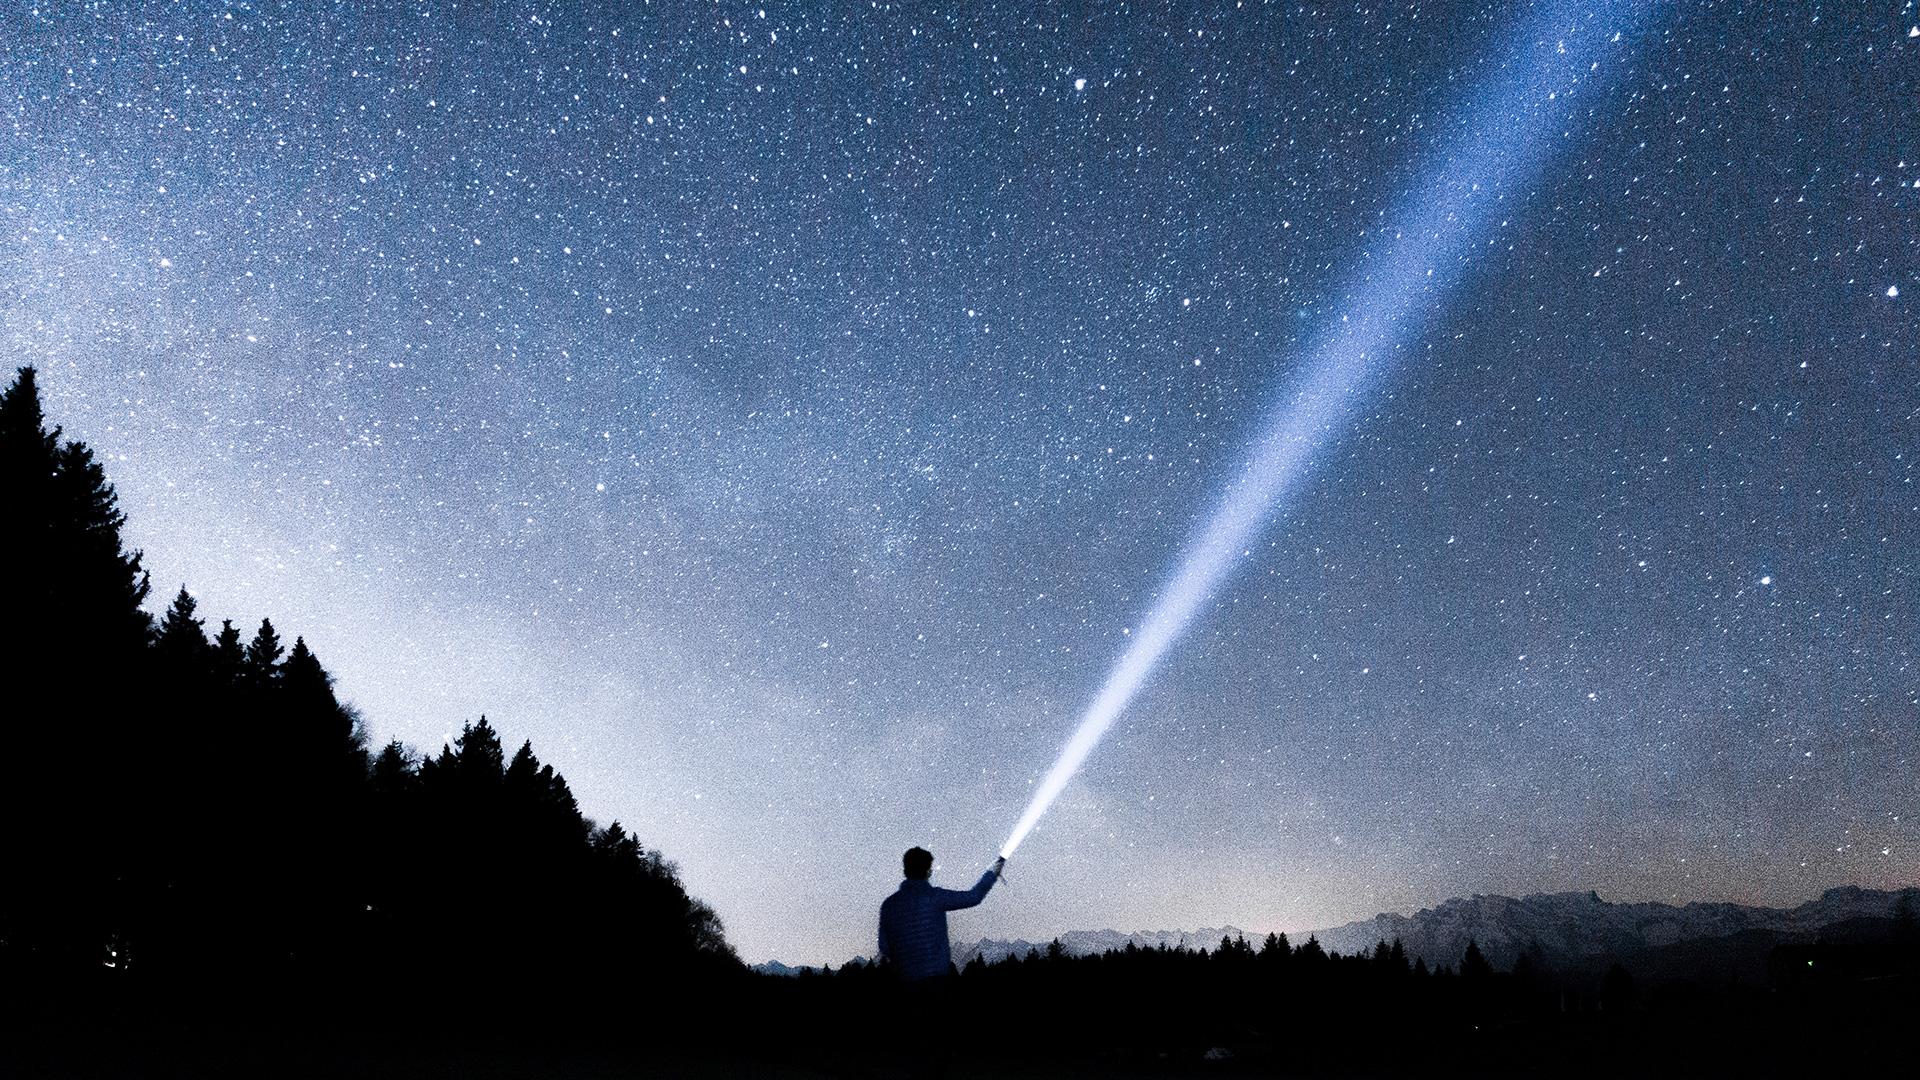 アストロフィルター(夜空撮影用フィルター)でタイムラプスを撮る